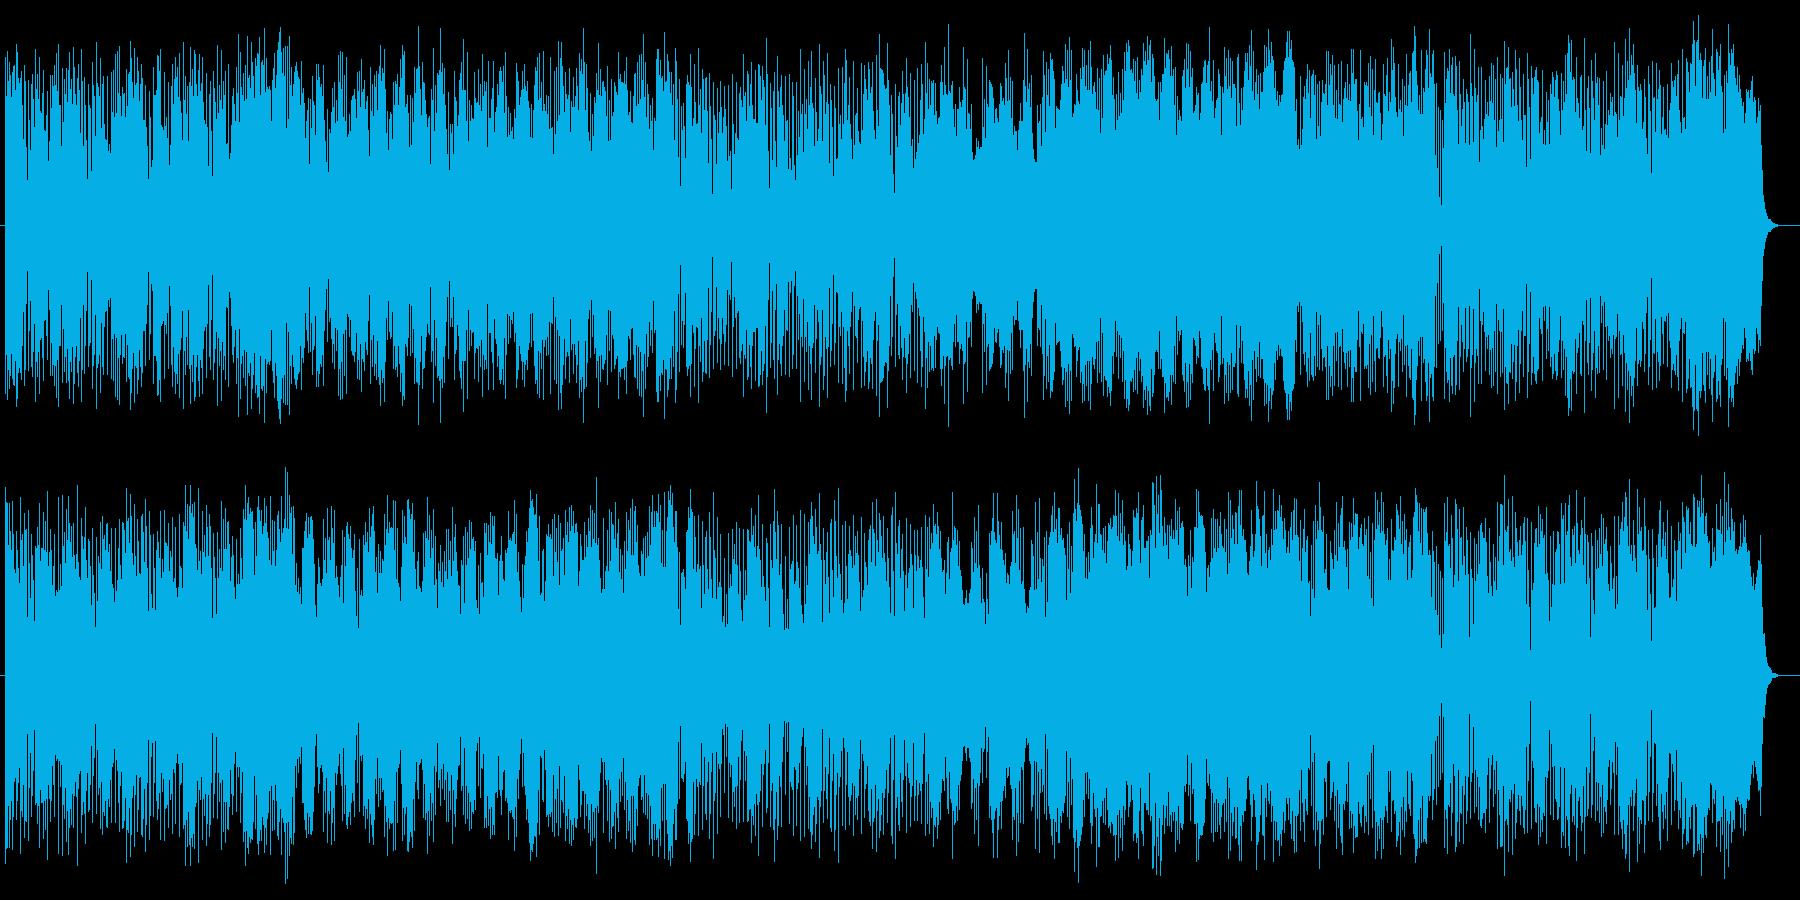 激しく勢いのあるリズムによるポップスの再生済みの波形